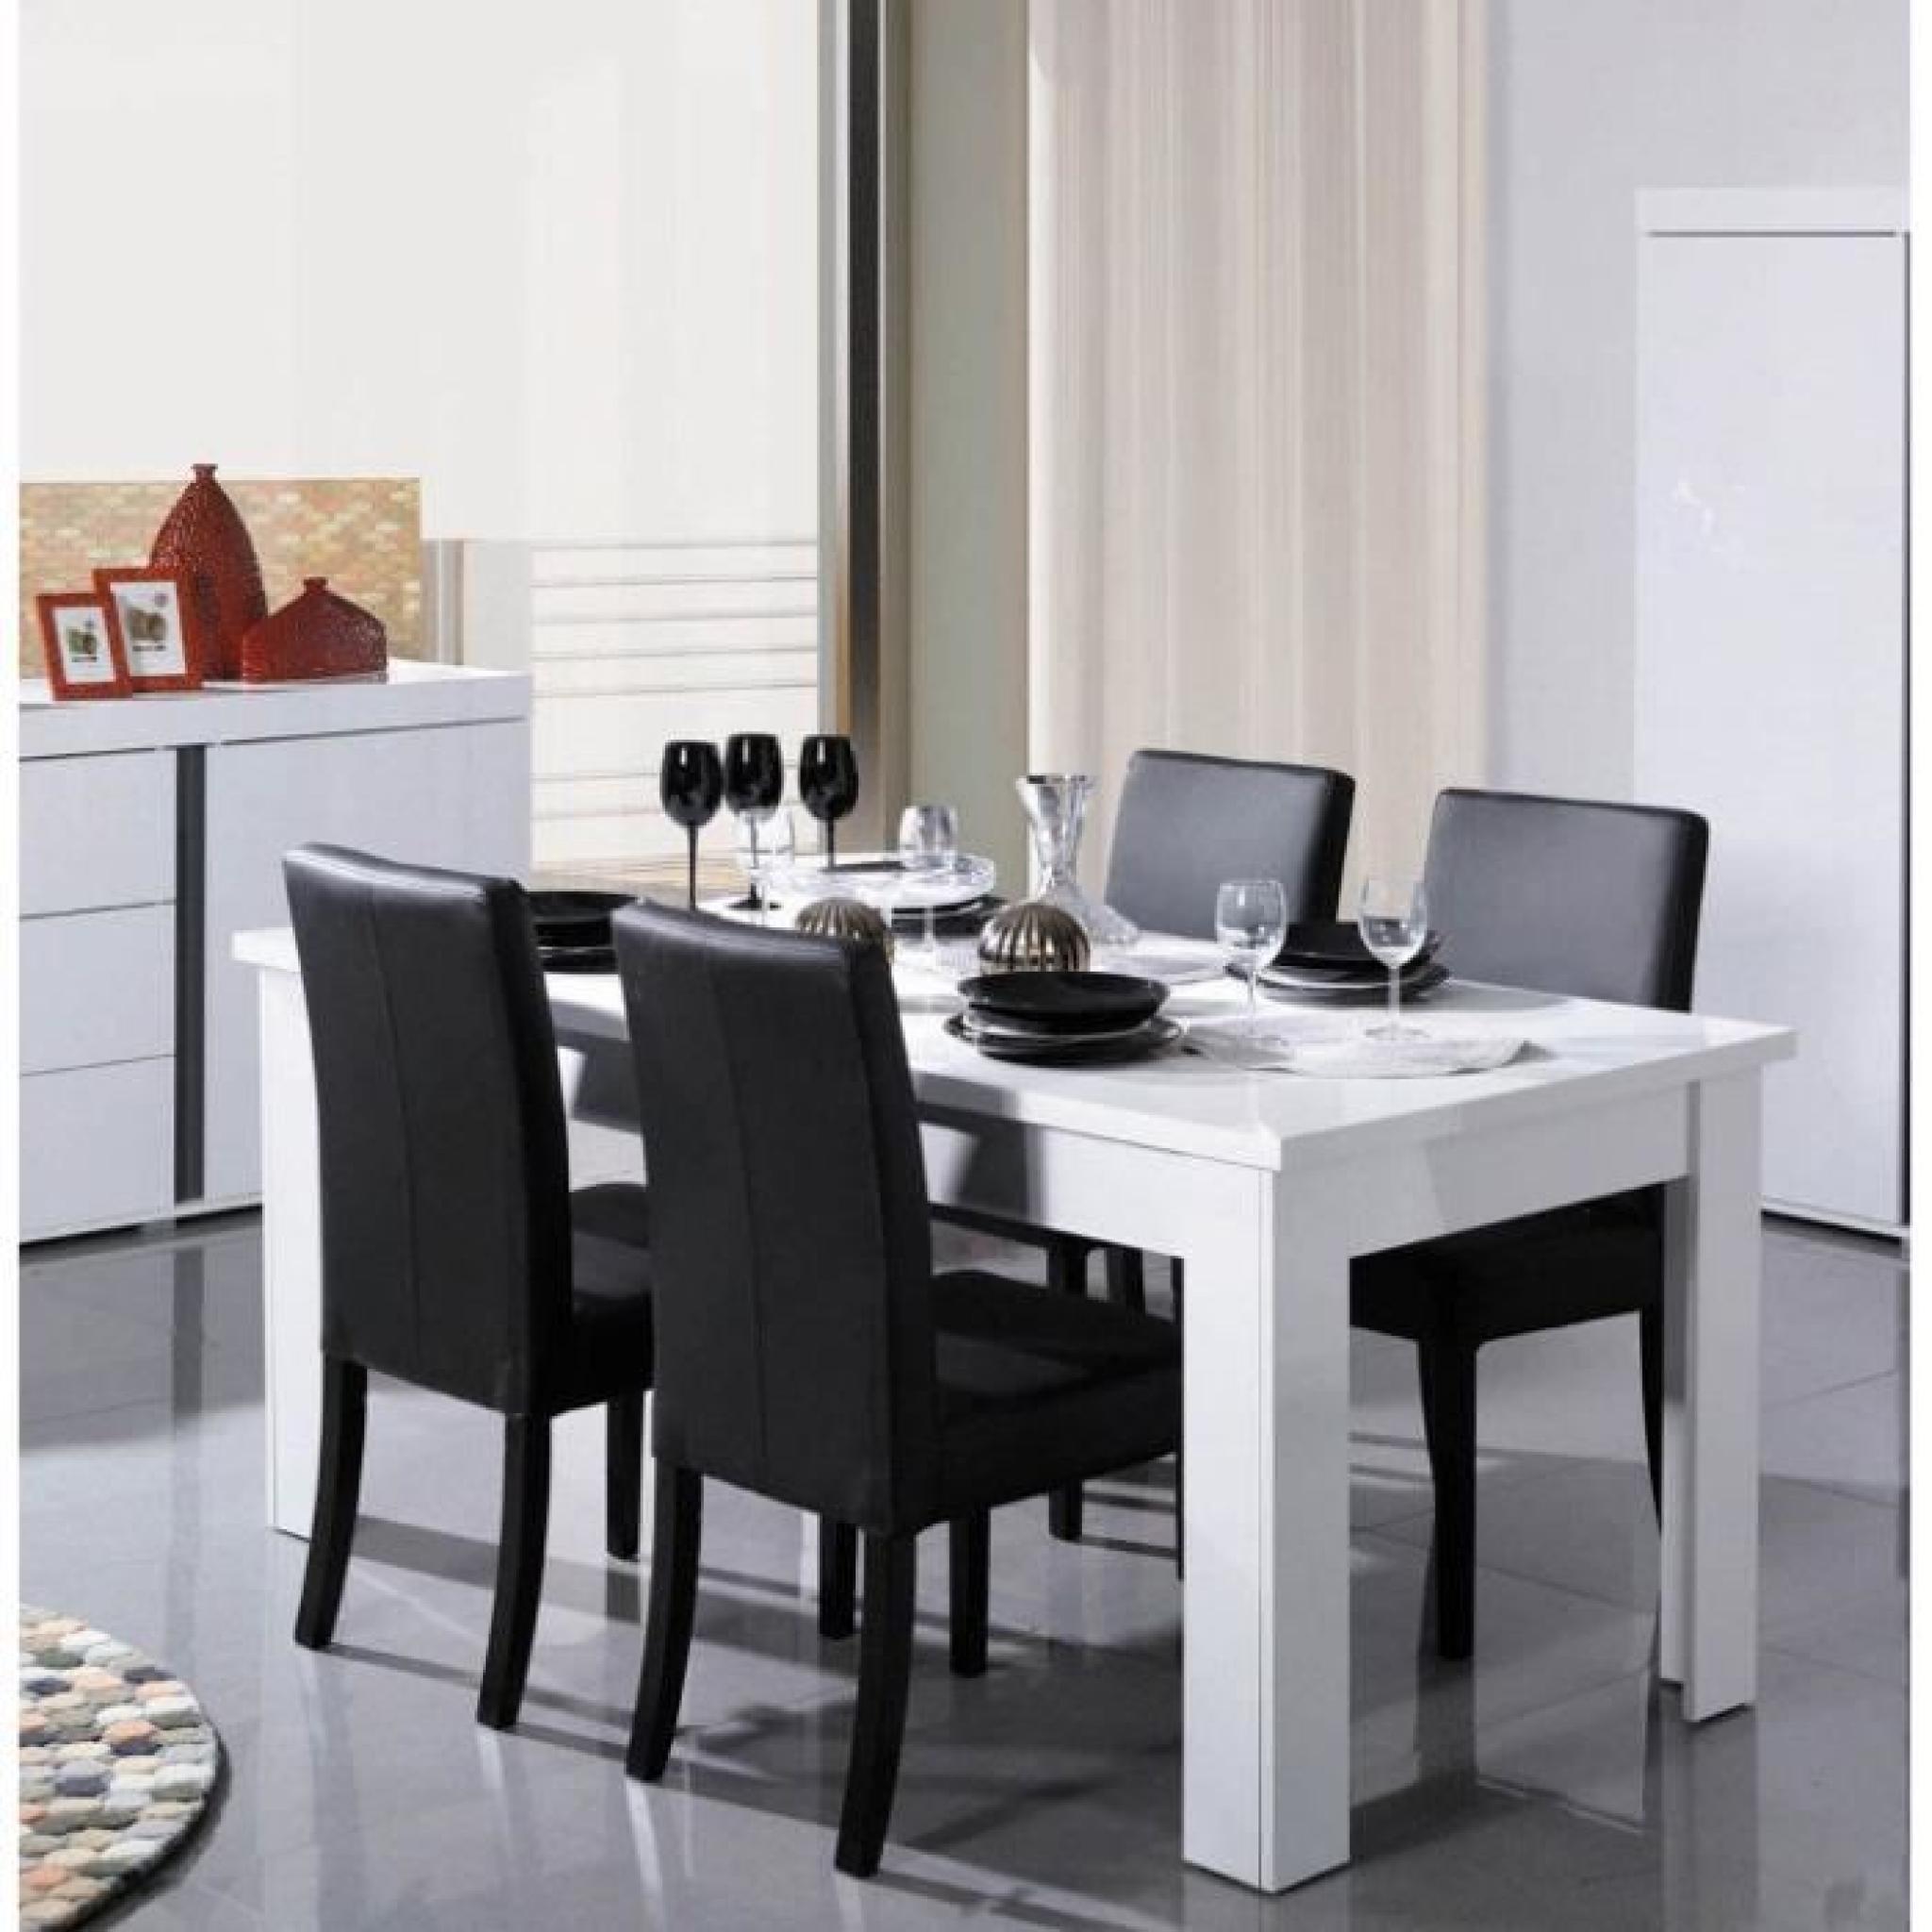 table a manger blanc laque design novella l 160 cm achat vente table salle a manger pas cher couleur et design fr